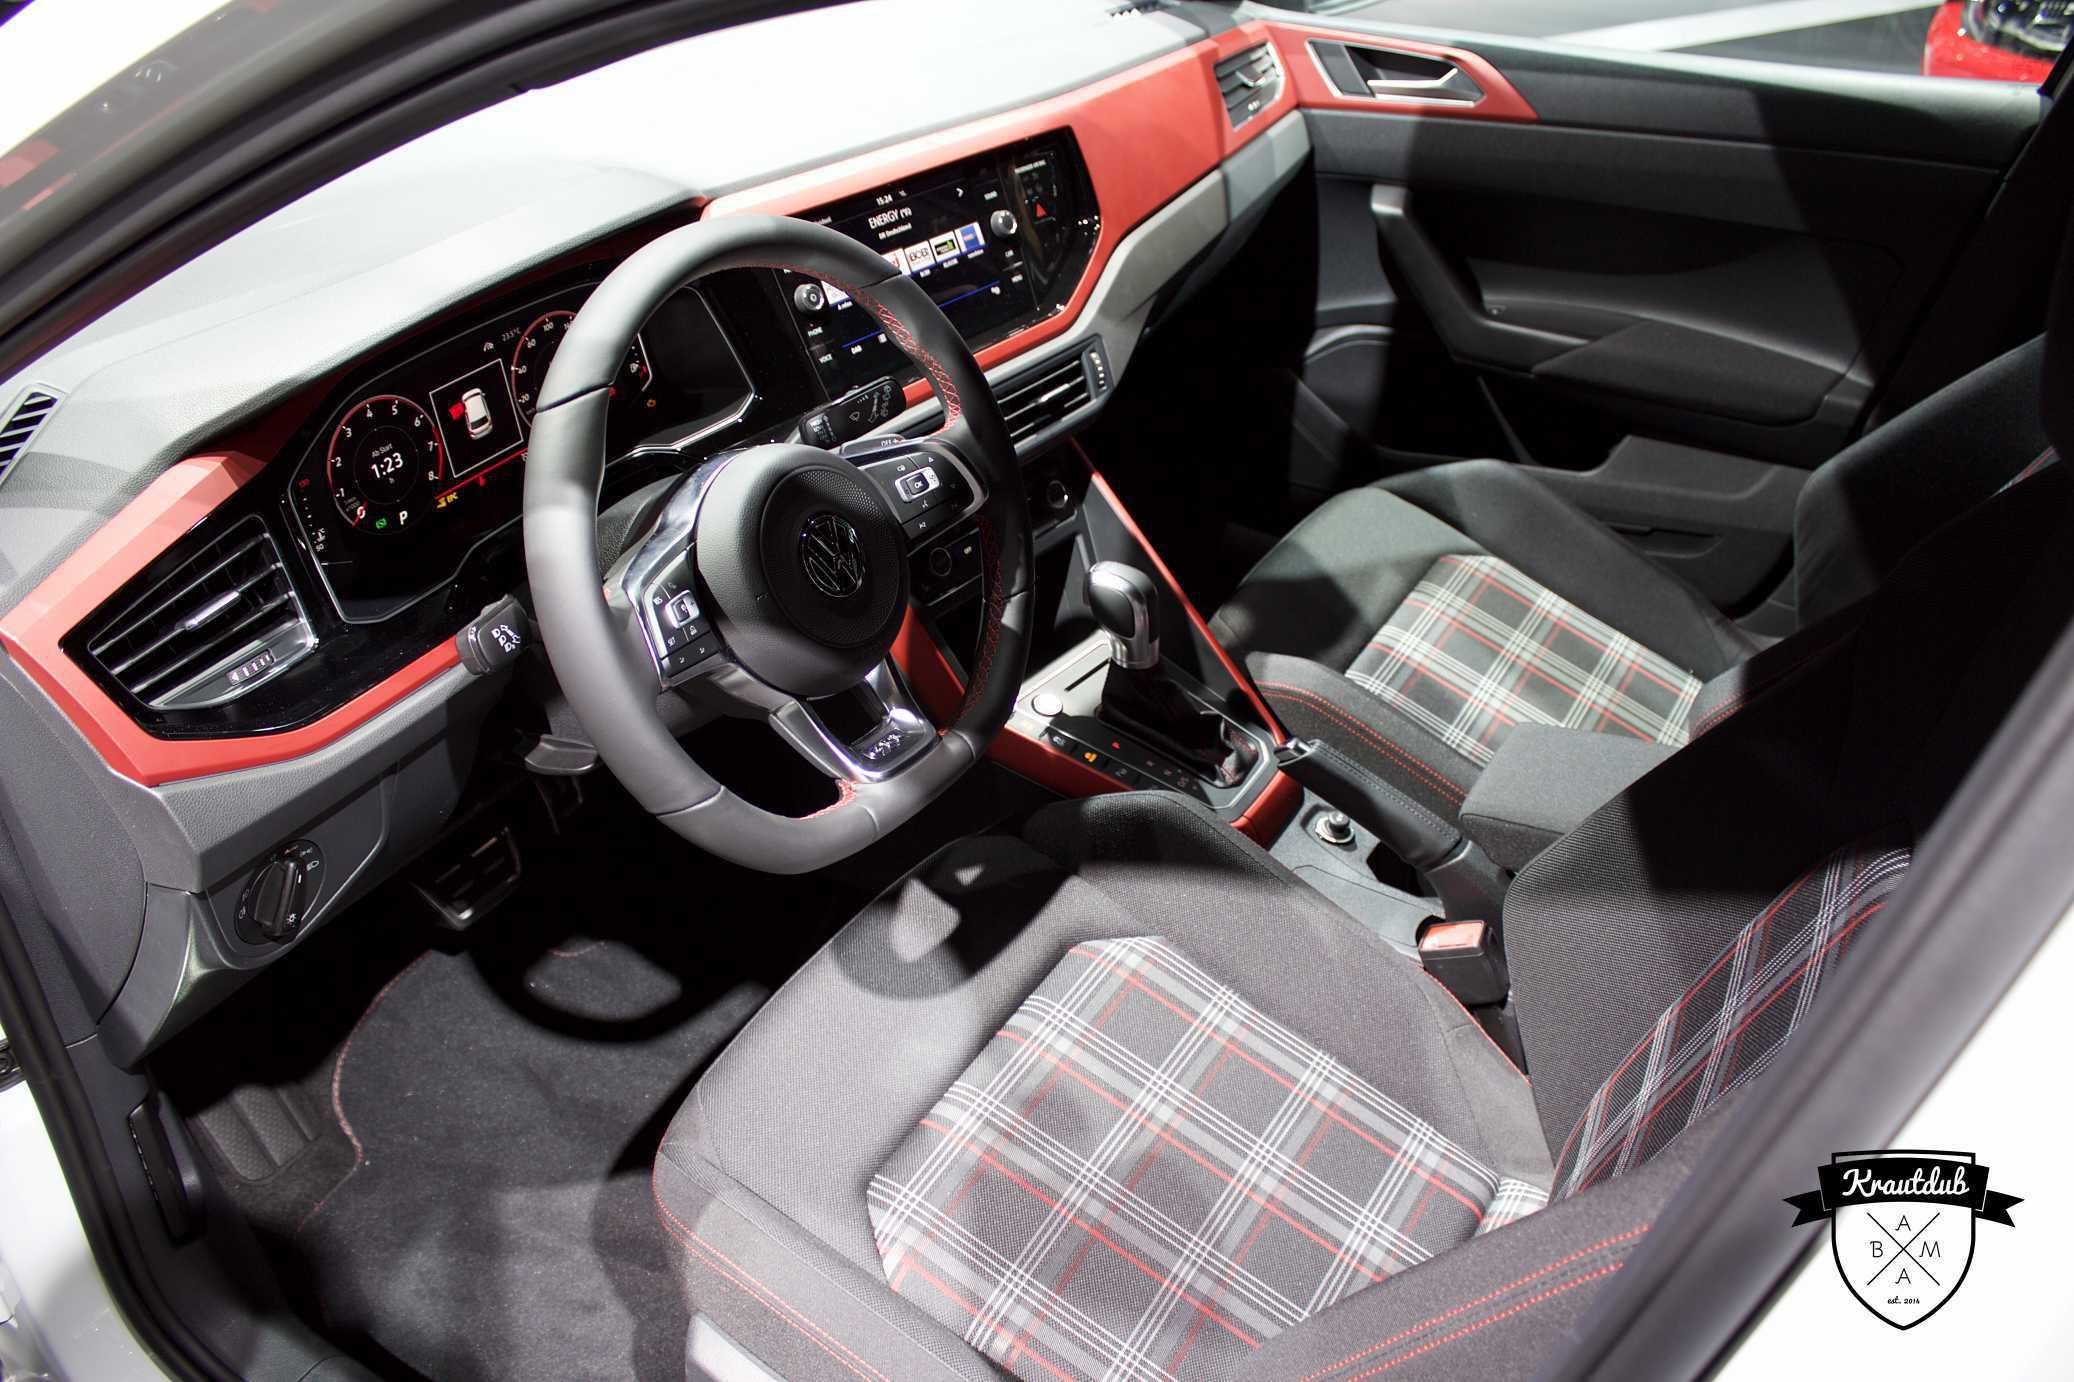 VW Polo GTi - IAA 2017